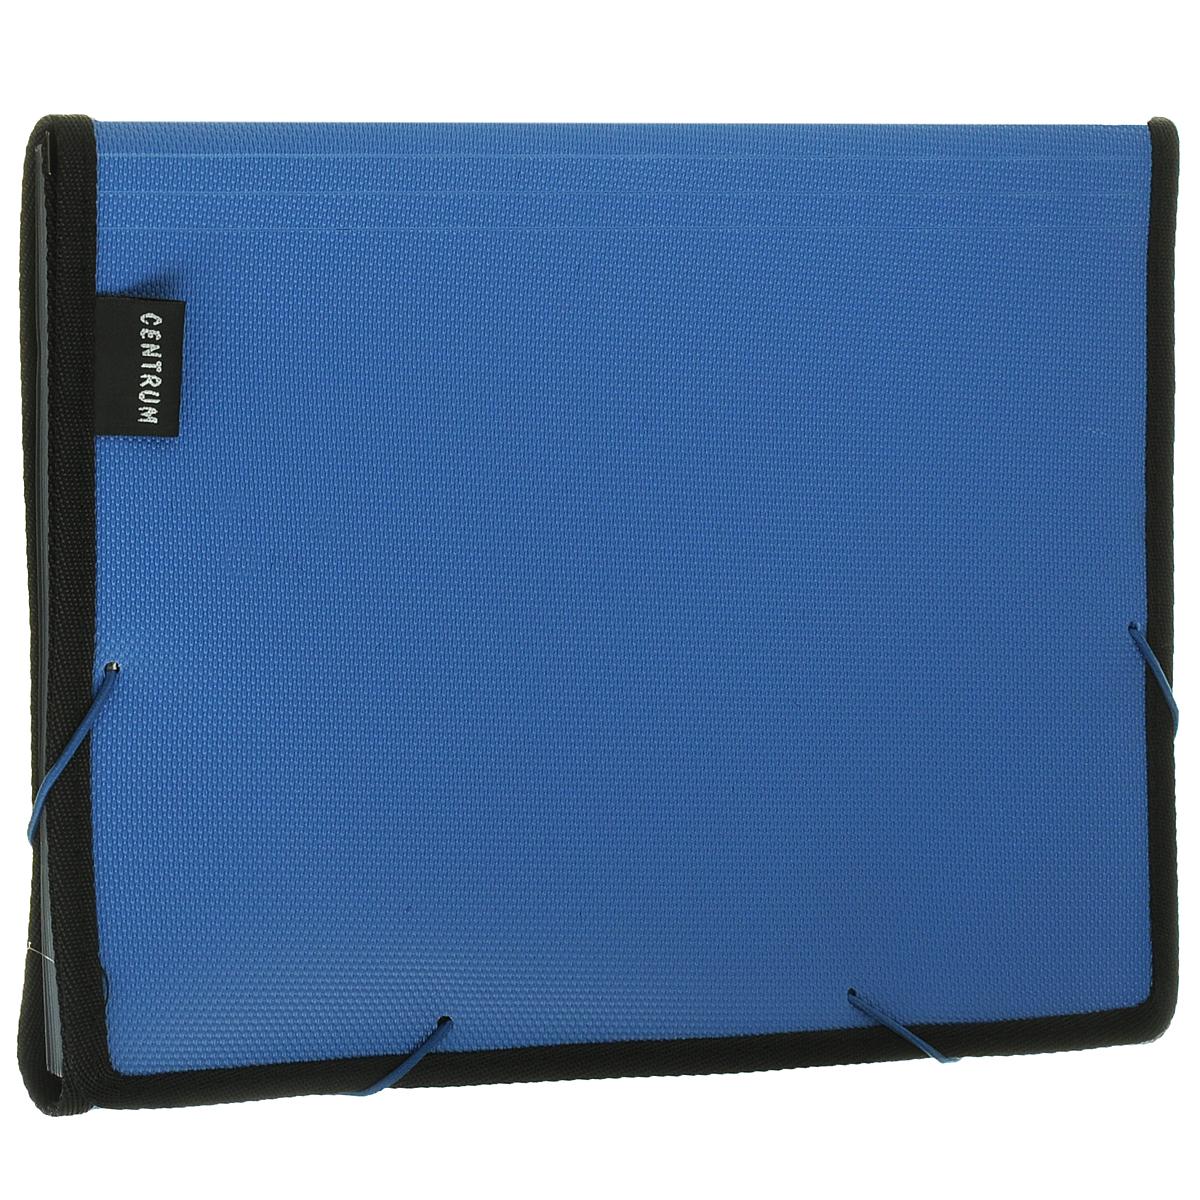 Папка на резинке Centrum, 6 отделений, цвет: синий. Формат А4FS-36052Папка Centrum - это удобный и функциональный офисный инструмент, предназначенный для хранения и транспортировки рабочих бумаг и документов формата А4.Папка с двойной угловой фиксацией резиновой лентой изготовлена из прочного высококачественного пластика и оформлена тиснением под текстиль. Папка состоит из 6 вместительных отделений с пластиковыми разделителями. Папка имеет опрятный и неброский вид. Края папки отделаны полиэстером, а уголки имеют закругленную форму, что предотвращает их загибание и помогает надолго сохранить опрятный вид обложки.Папка - это незаменимый атрибут для любого студента, школьника или офисного работника. Такая папка надежно сохранит ваши бумаги и сбережет их от повреждений, пыли и влаги.